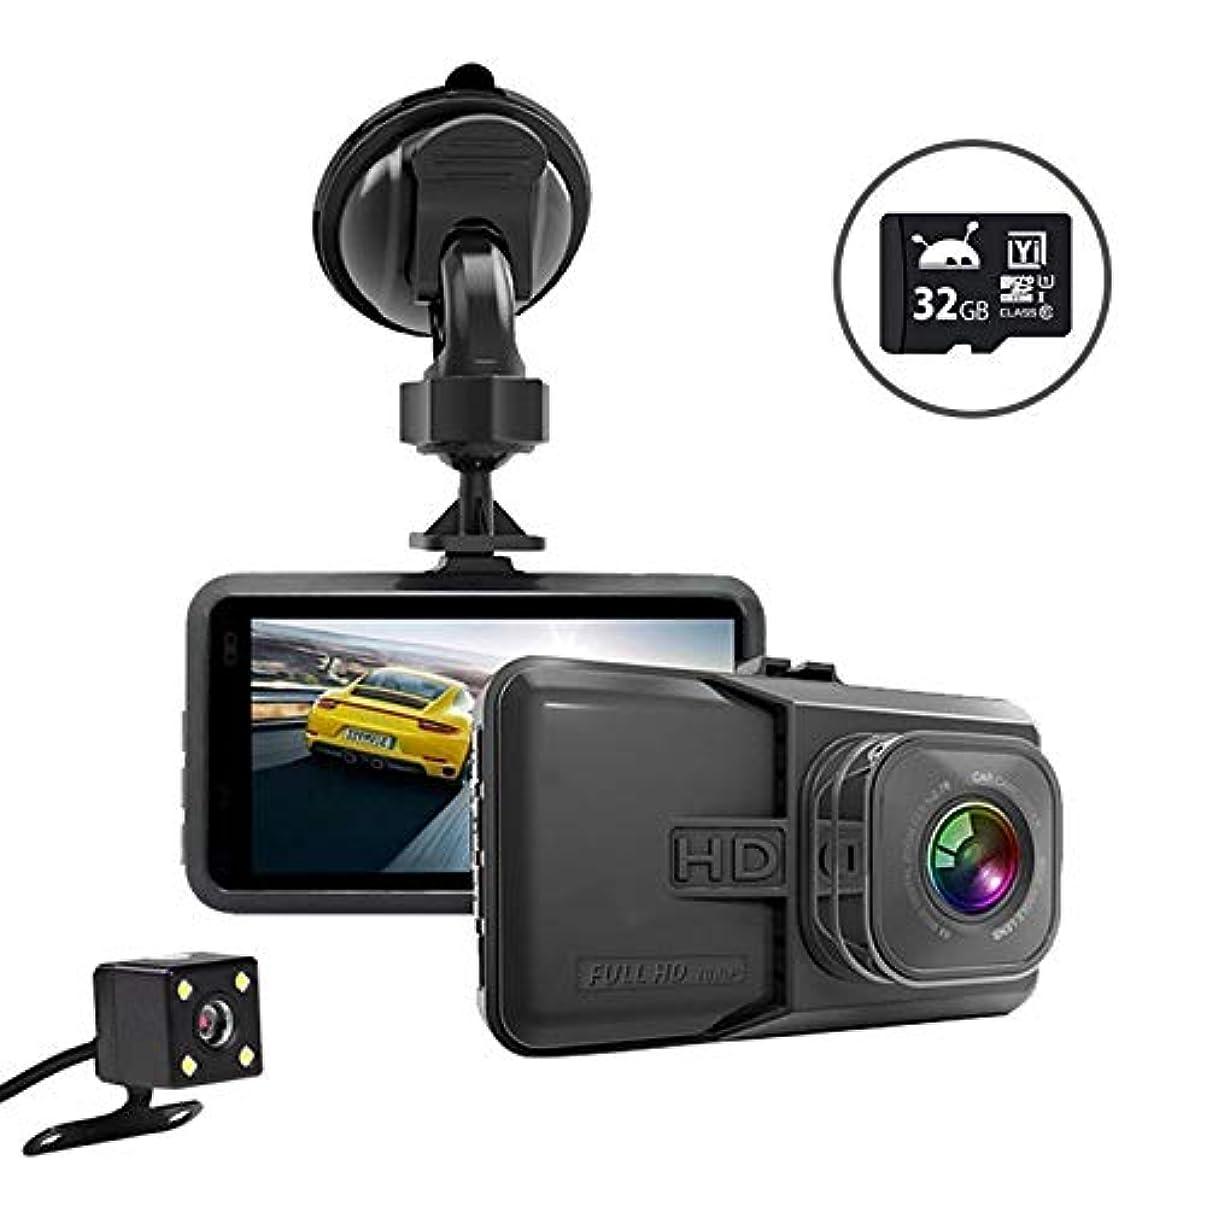 観点静けさシードMITSUBISHI RVR N1?2 H3.1-H9.10 ドライブレコーダー 1080P Full HD 120度高画質広視野角 3.0インチ 1080PフルHD緊急録画 防犯カメラ/駐車監視/動体検知/G-sensor機能/ループ録画 12v 32GSDカード